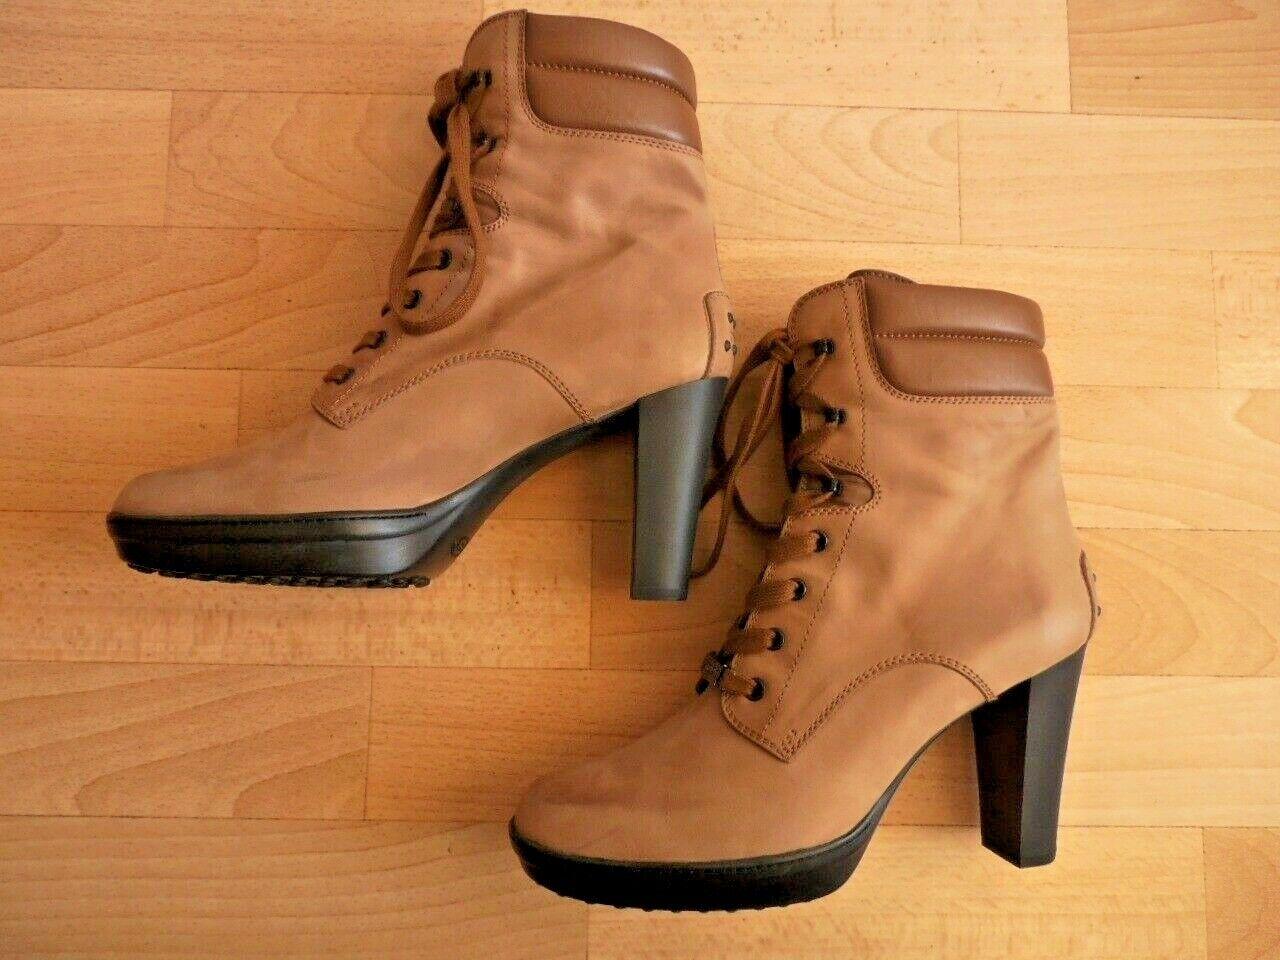 Tod's tods botín botas 41 (7,5) cuero genuino nuevo, np